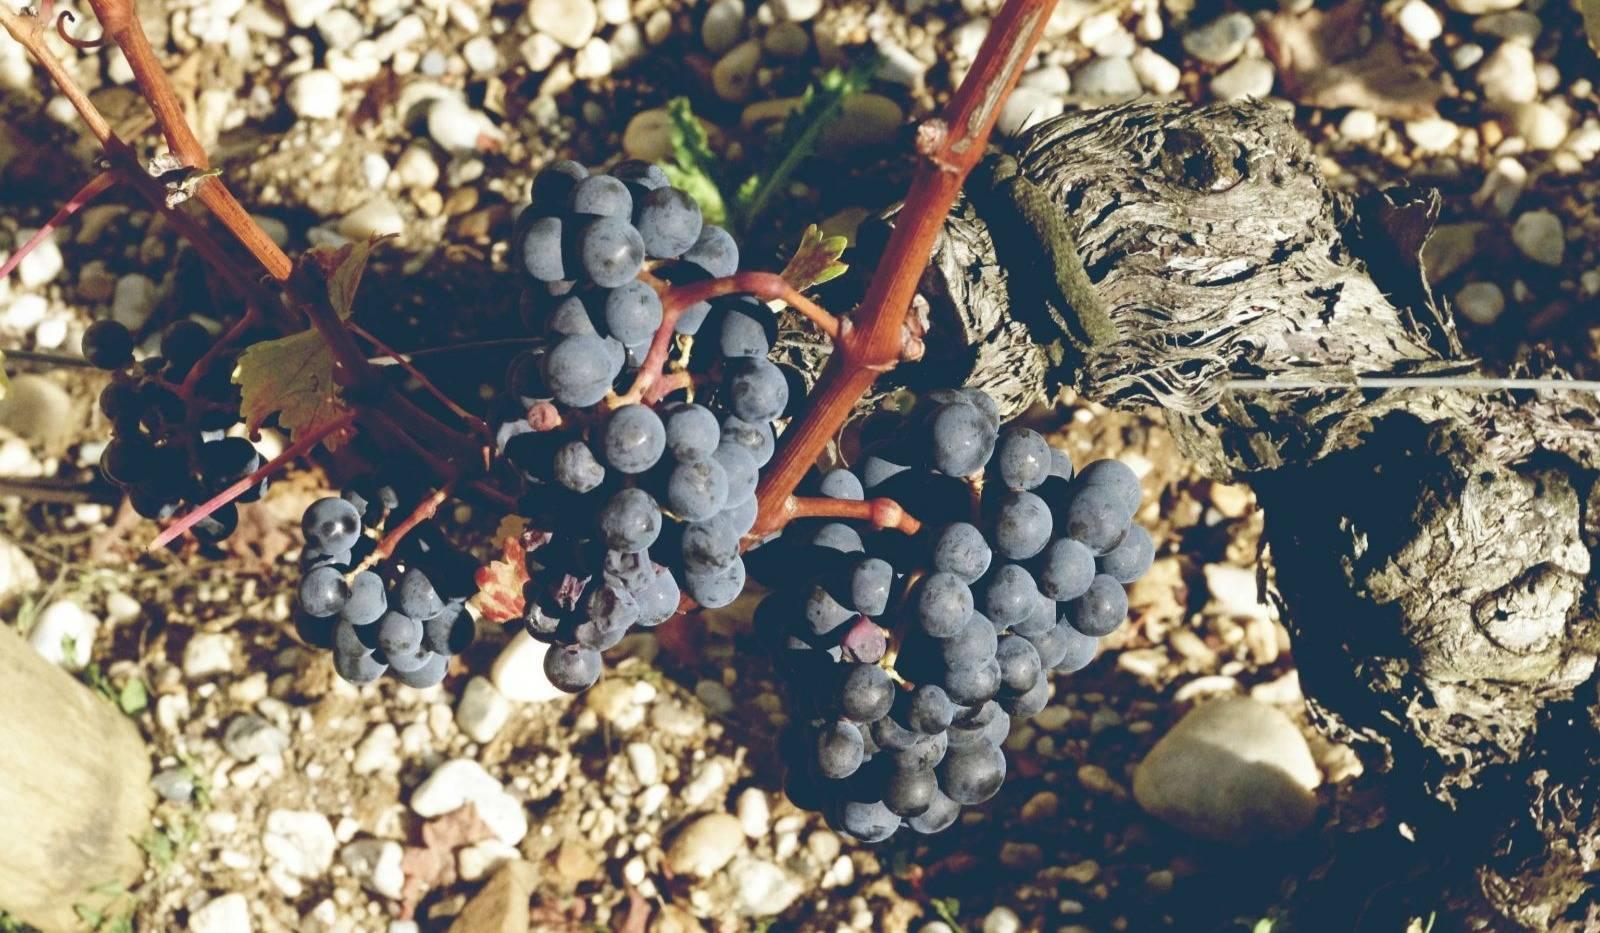 七号酒会遥远的葡萄酒天堂--智利葡萄酒品鉴会